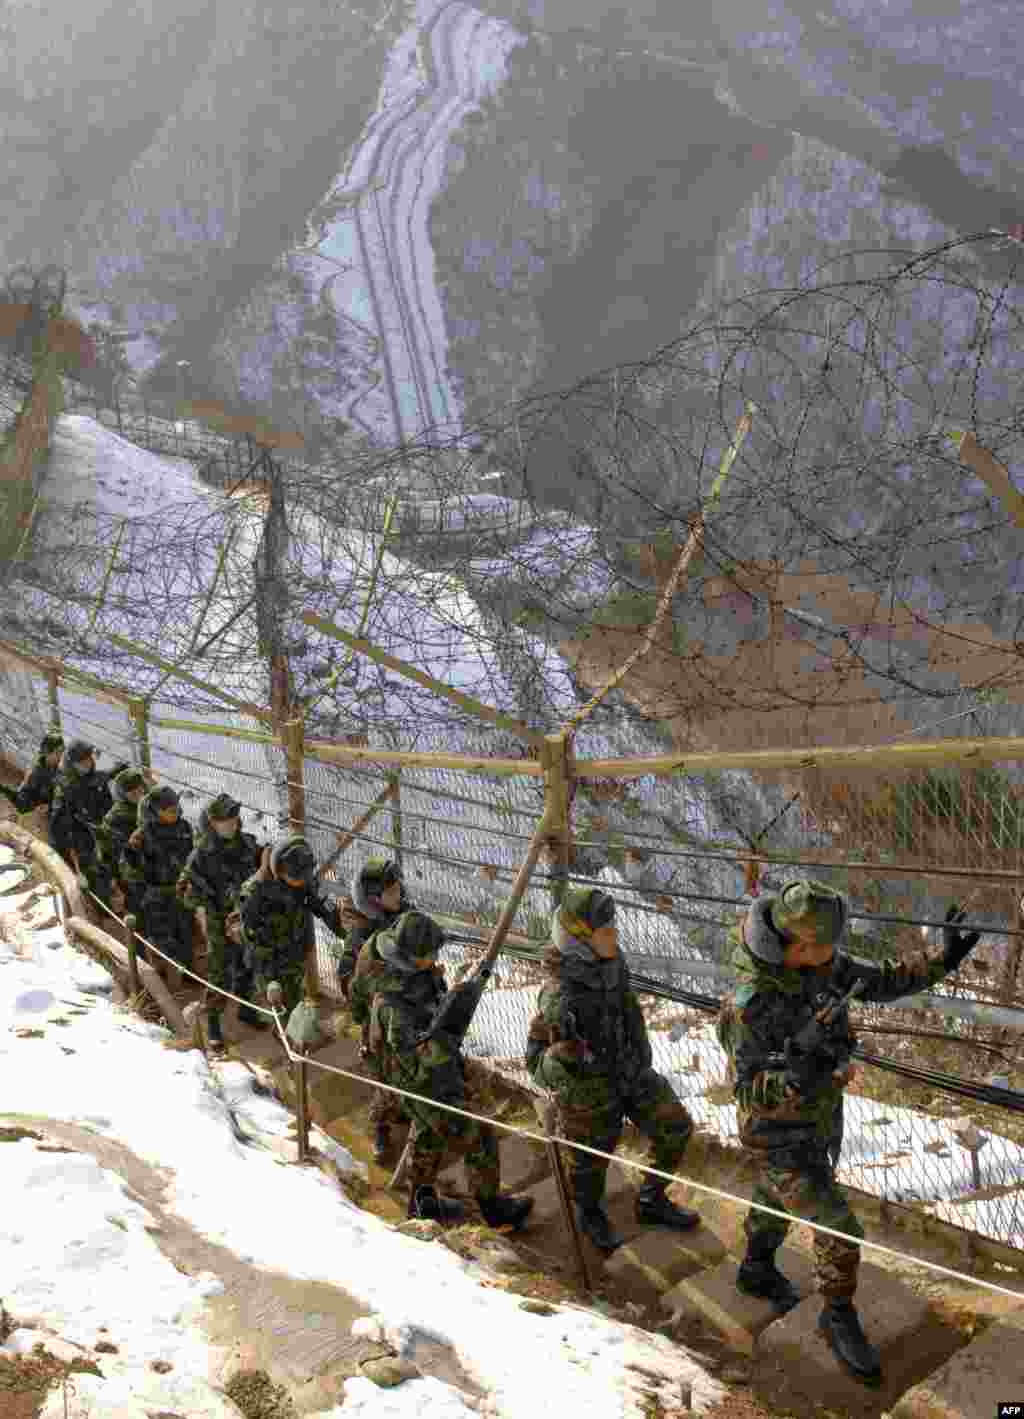 Еще одна стена находится на демилитаризированной зоне между Северной и Южной Кореями. Ее длина - 240 км, некоторые ее участки также находятся под напряжением. Забор между государствами появился в 70-х прошлого столетия, когда стороны не смогли договориться о перемирии. В августе 2015стороны впервые за долгое время обстреляли друг друга